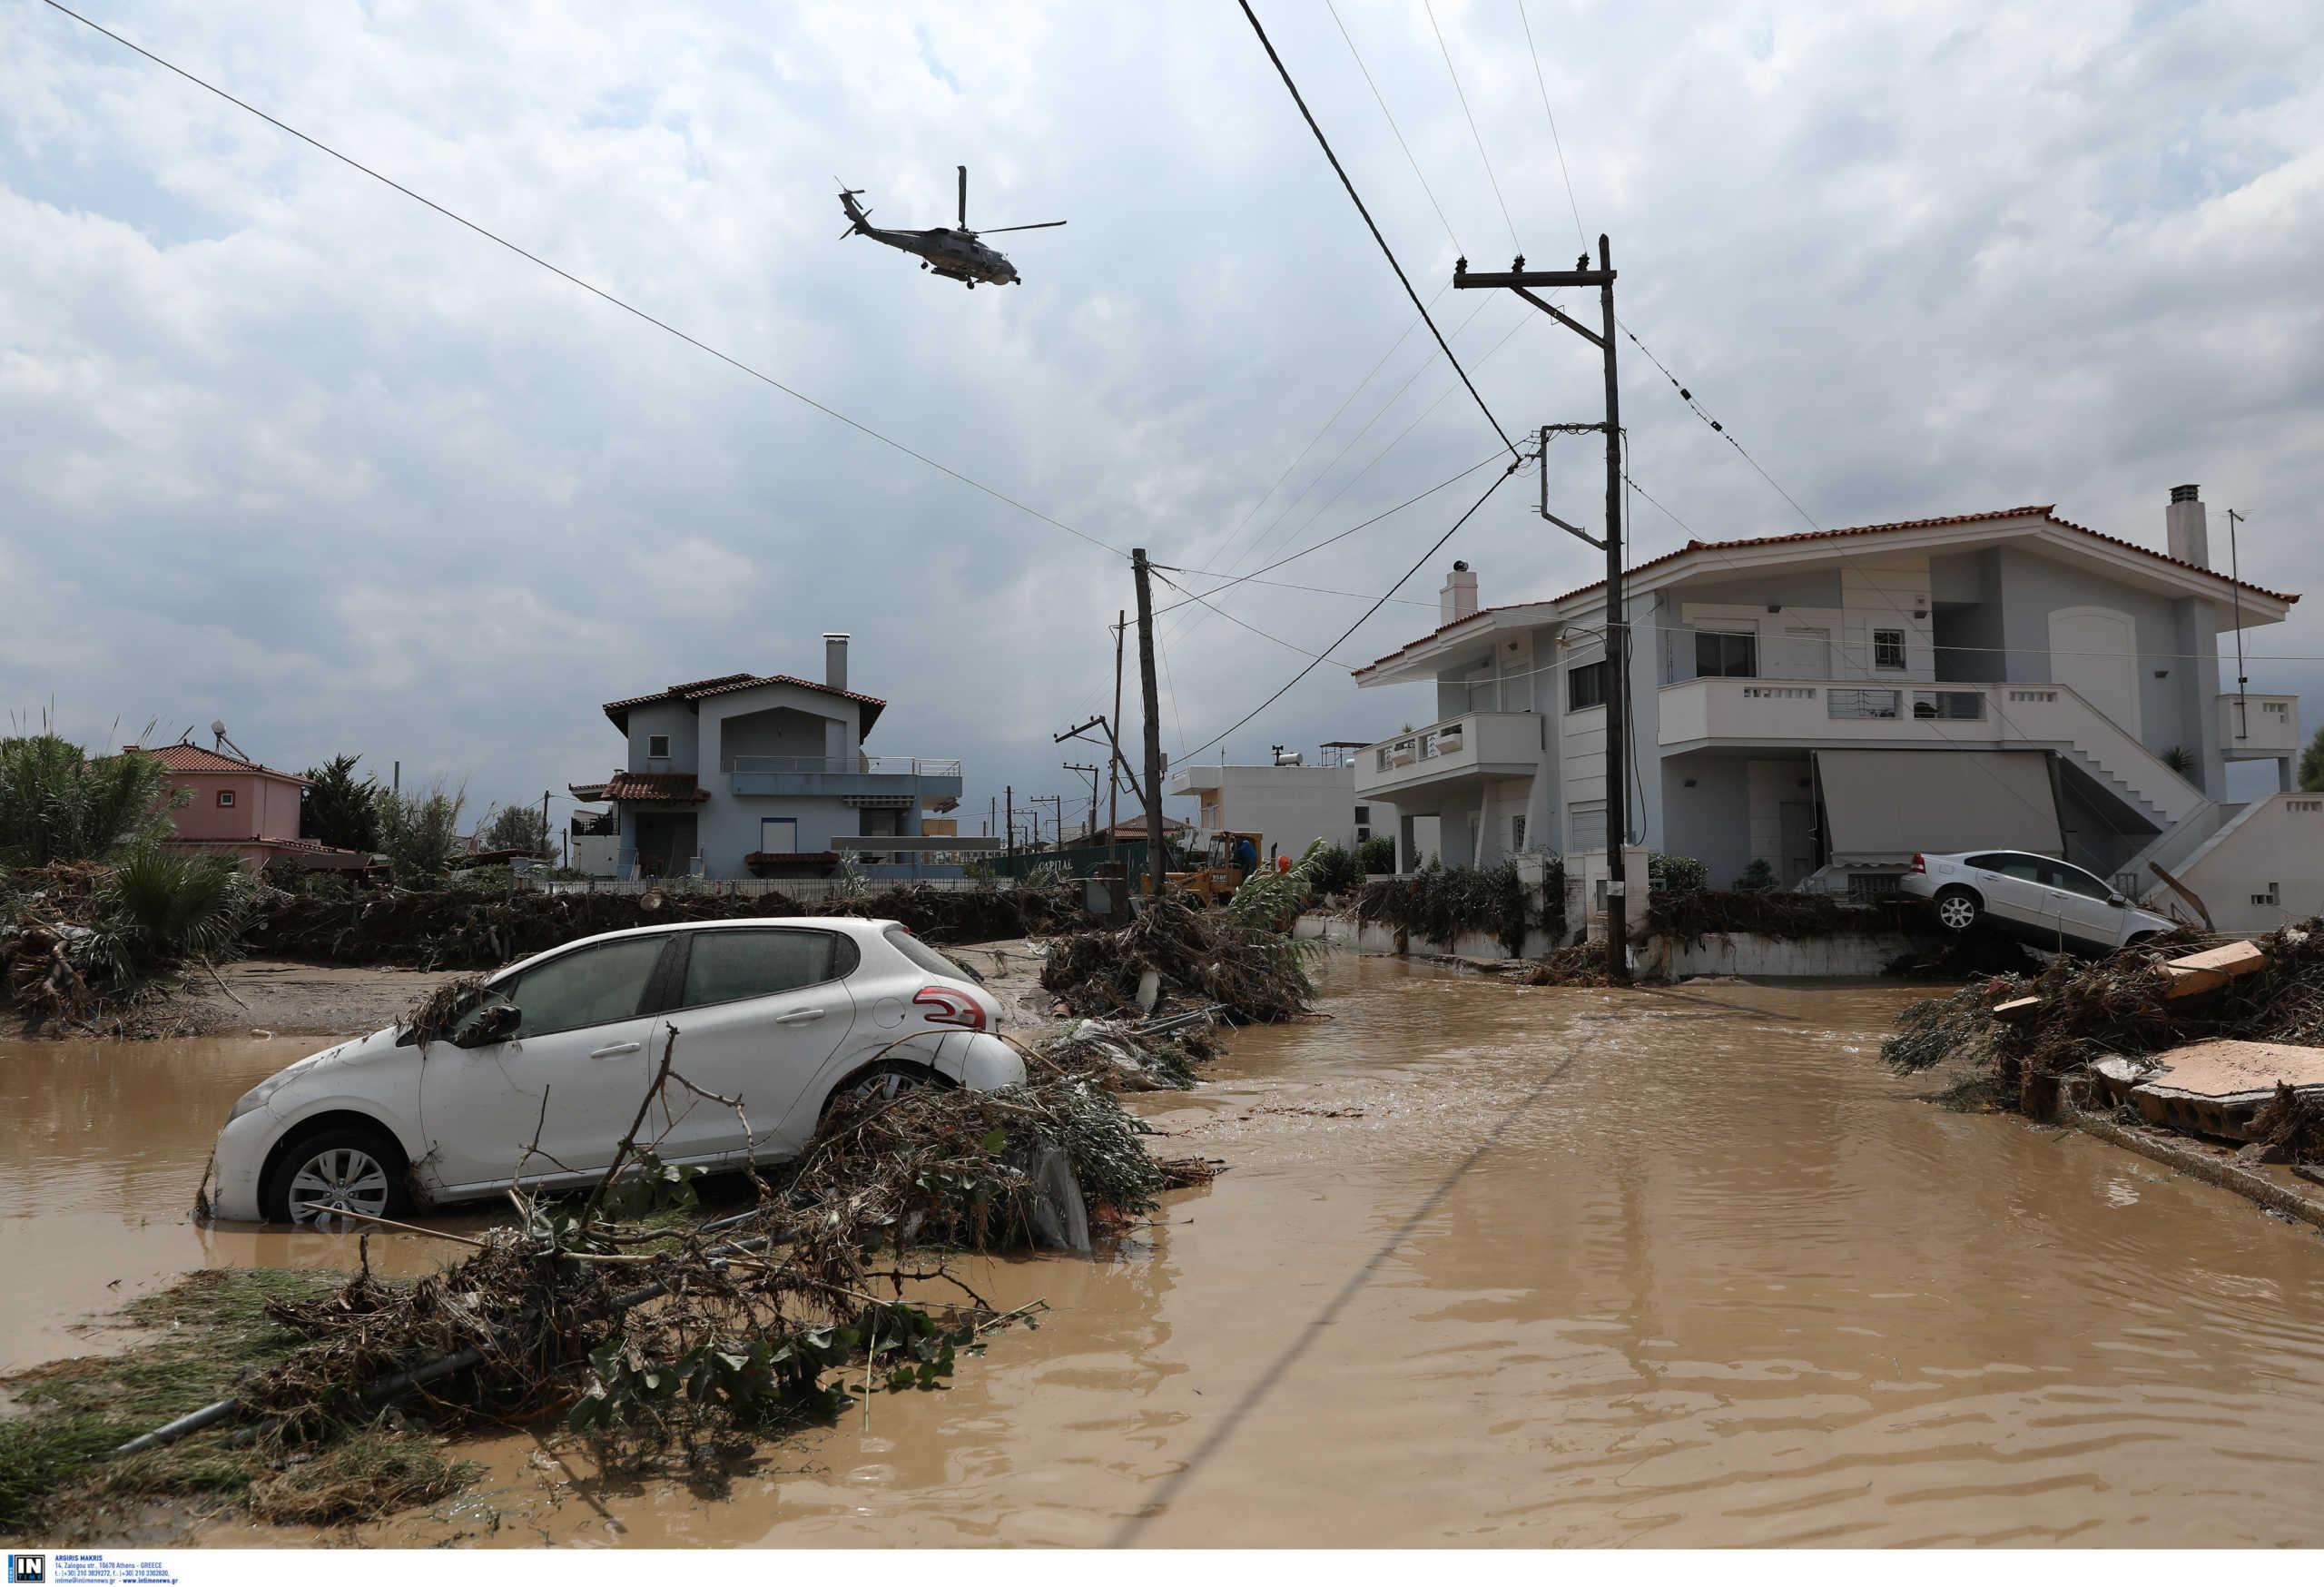 Εύβοια: Καταστροφή παντού! Στο κέντρο επιχειρήσεων ο Χρυσοχοϊδης, σύσκεψη στα Βασιλικά υπό τον Χαρδαλιά (pics, video)